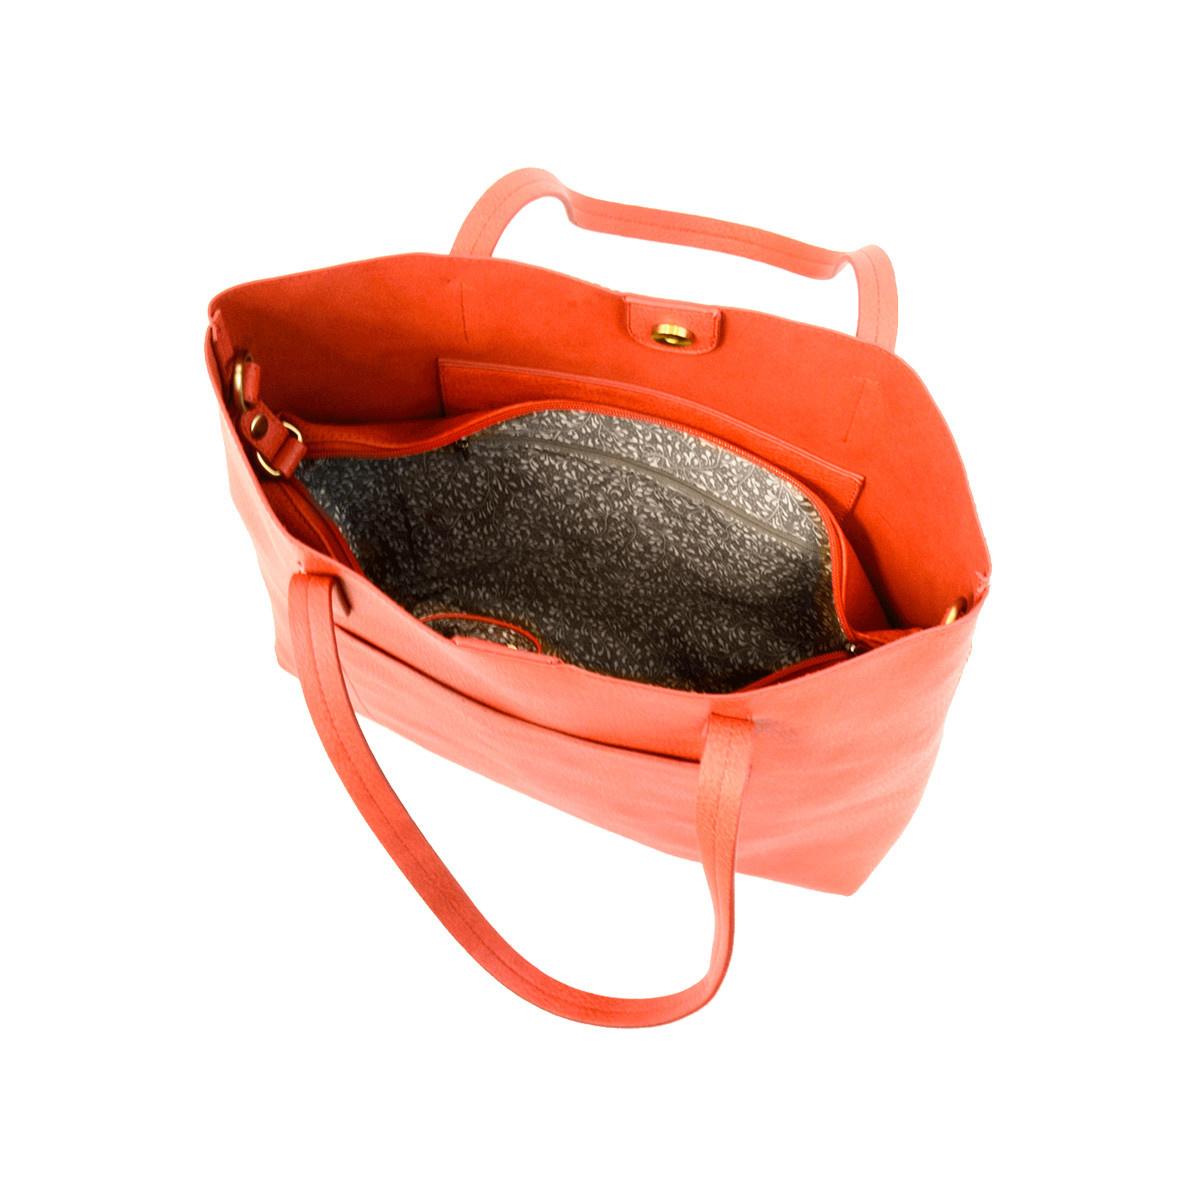 Joy Susan Joy Susan Megan Carry All Tote Red